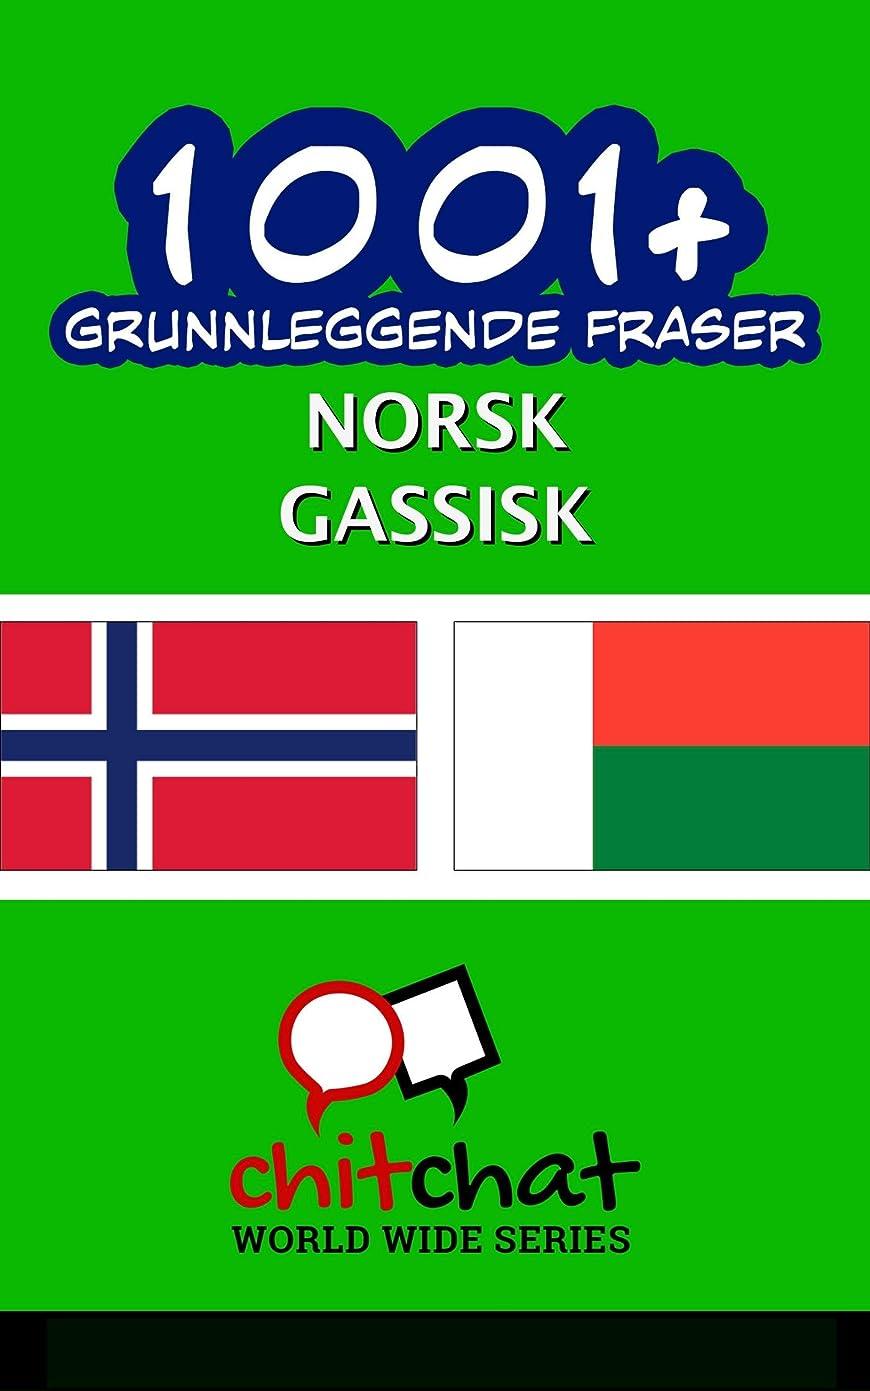 密鼻硬さ1001+ grunnleggende fraser norsk - Gassisk (Norwegian Edition)